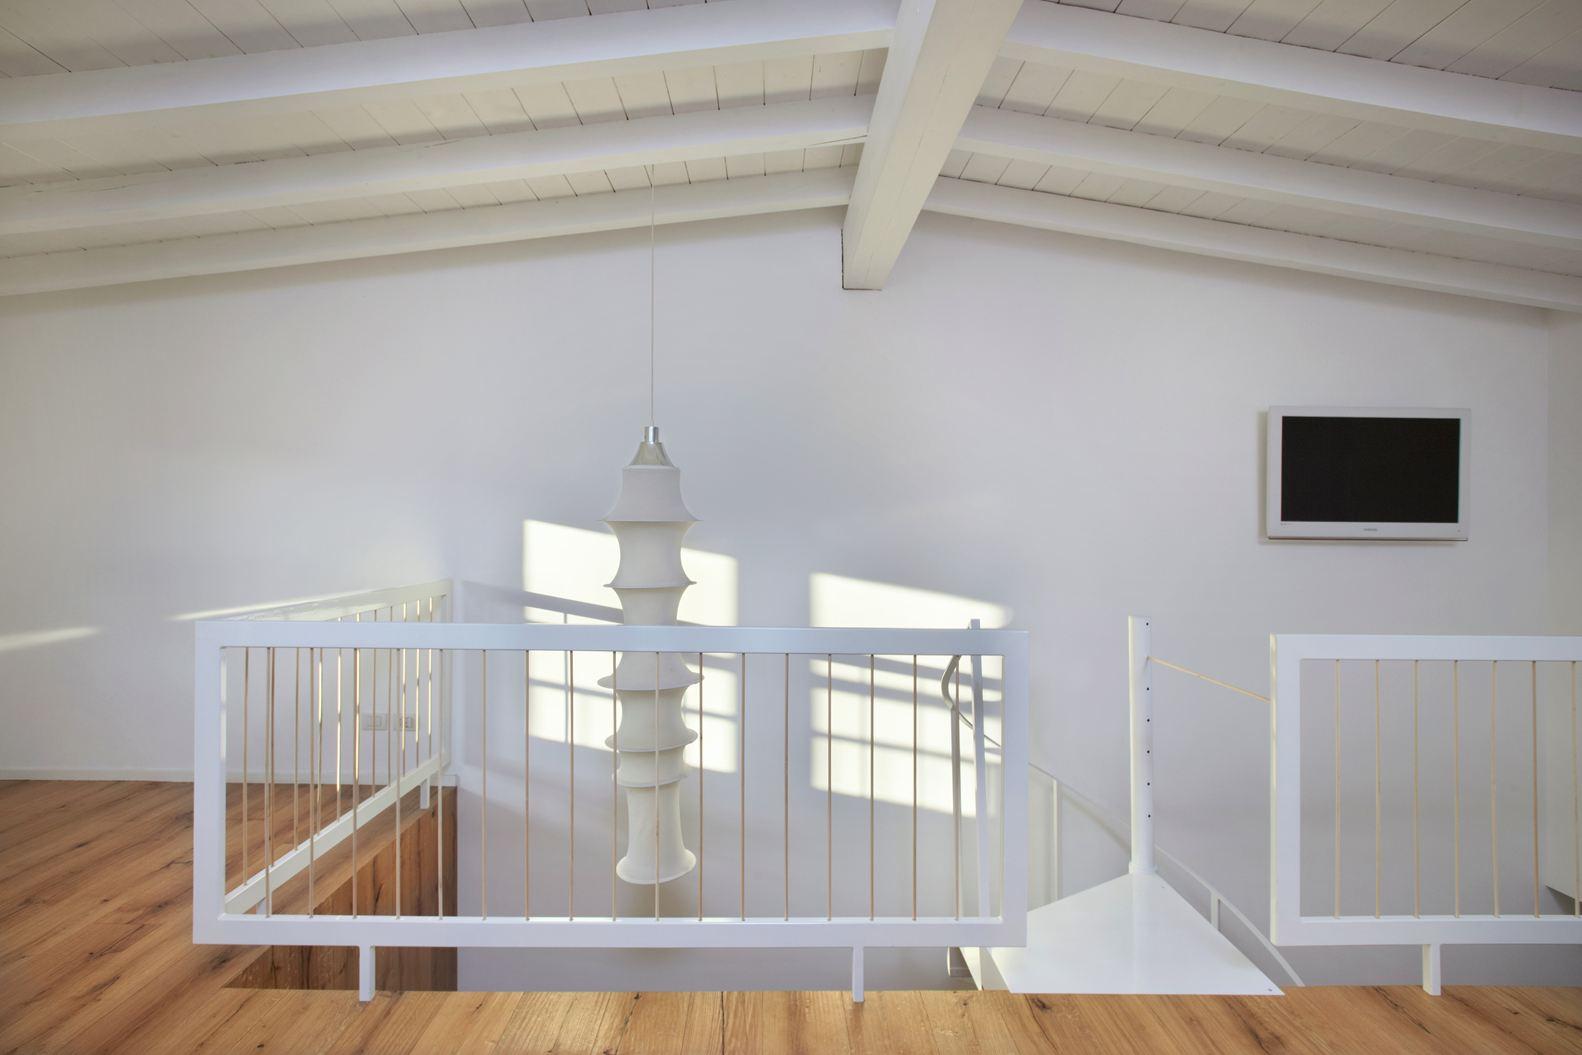 Soffitti in legno sbiancati design casa creativa e for Layout della camera familiare